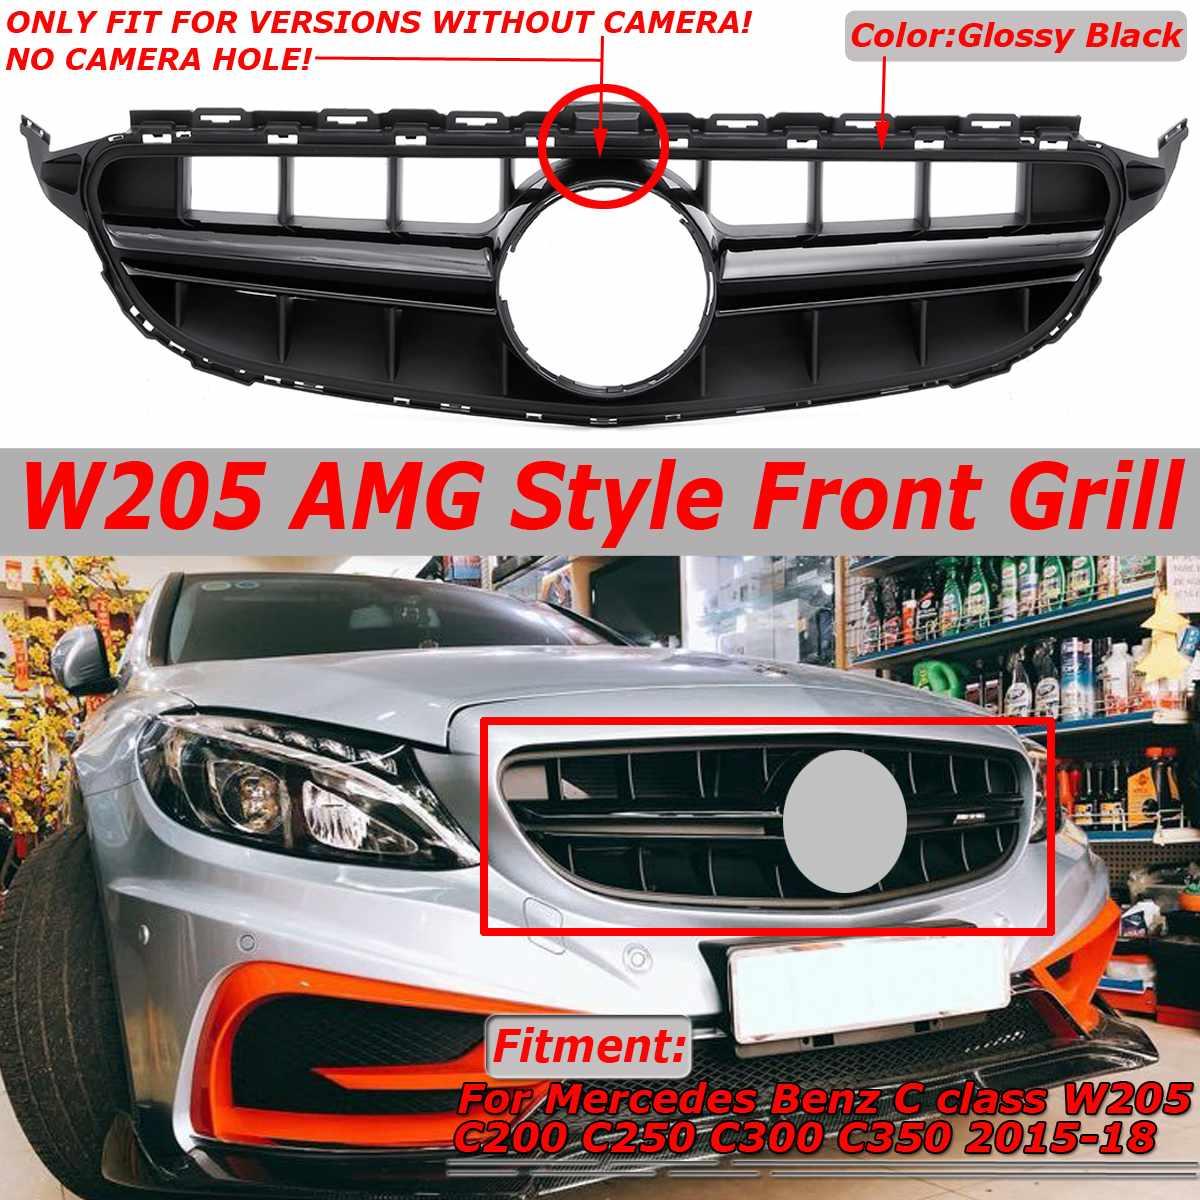 Garniture de couverture de Grille de calandre avant de voiture pour Mercedes pour Benz classe C W205 C200 C250 C300 C350 2015-2018 sans emblème pour le Style AMG